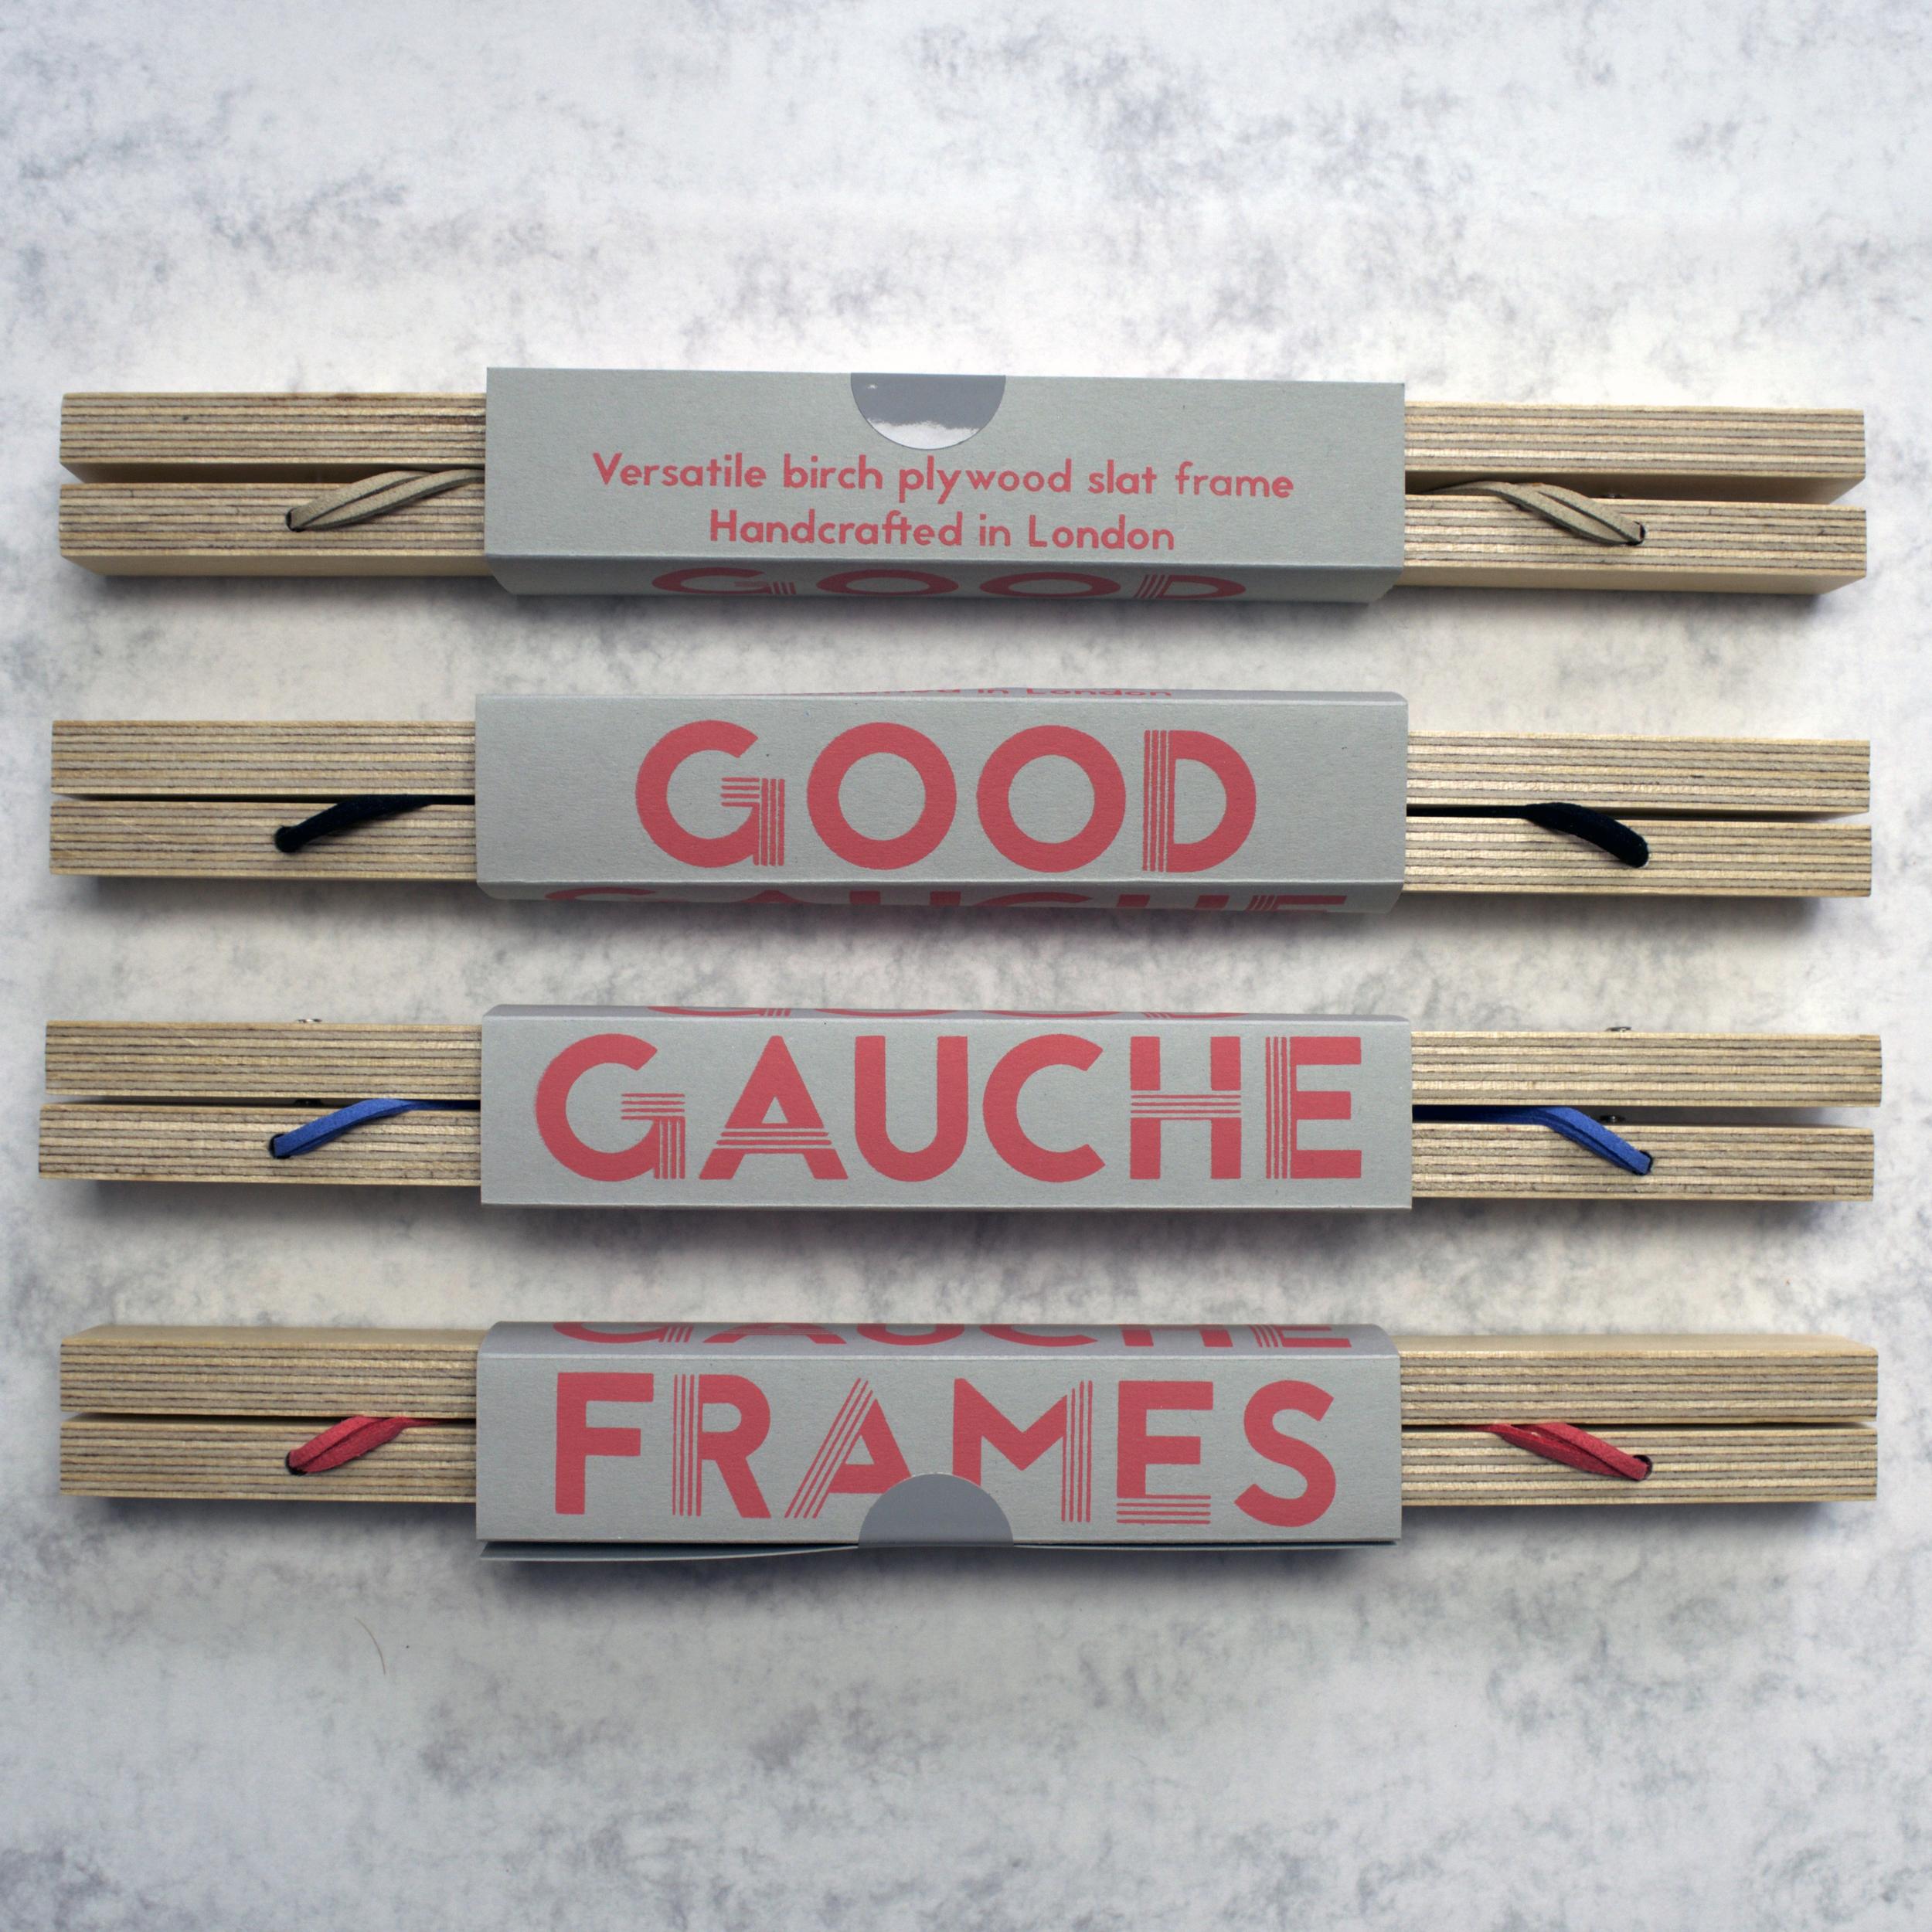 Good Gauche